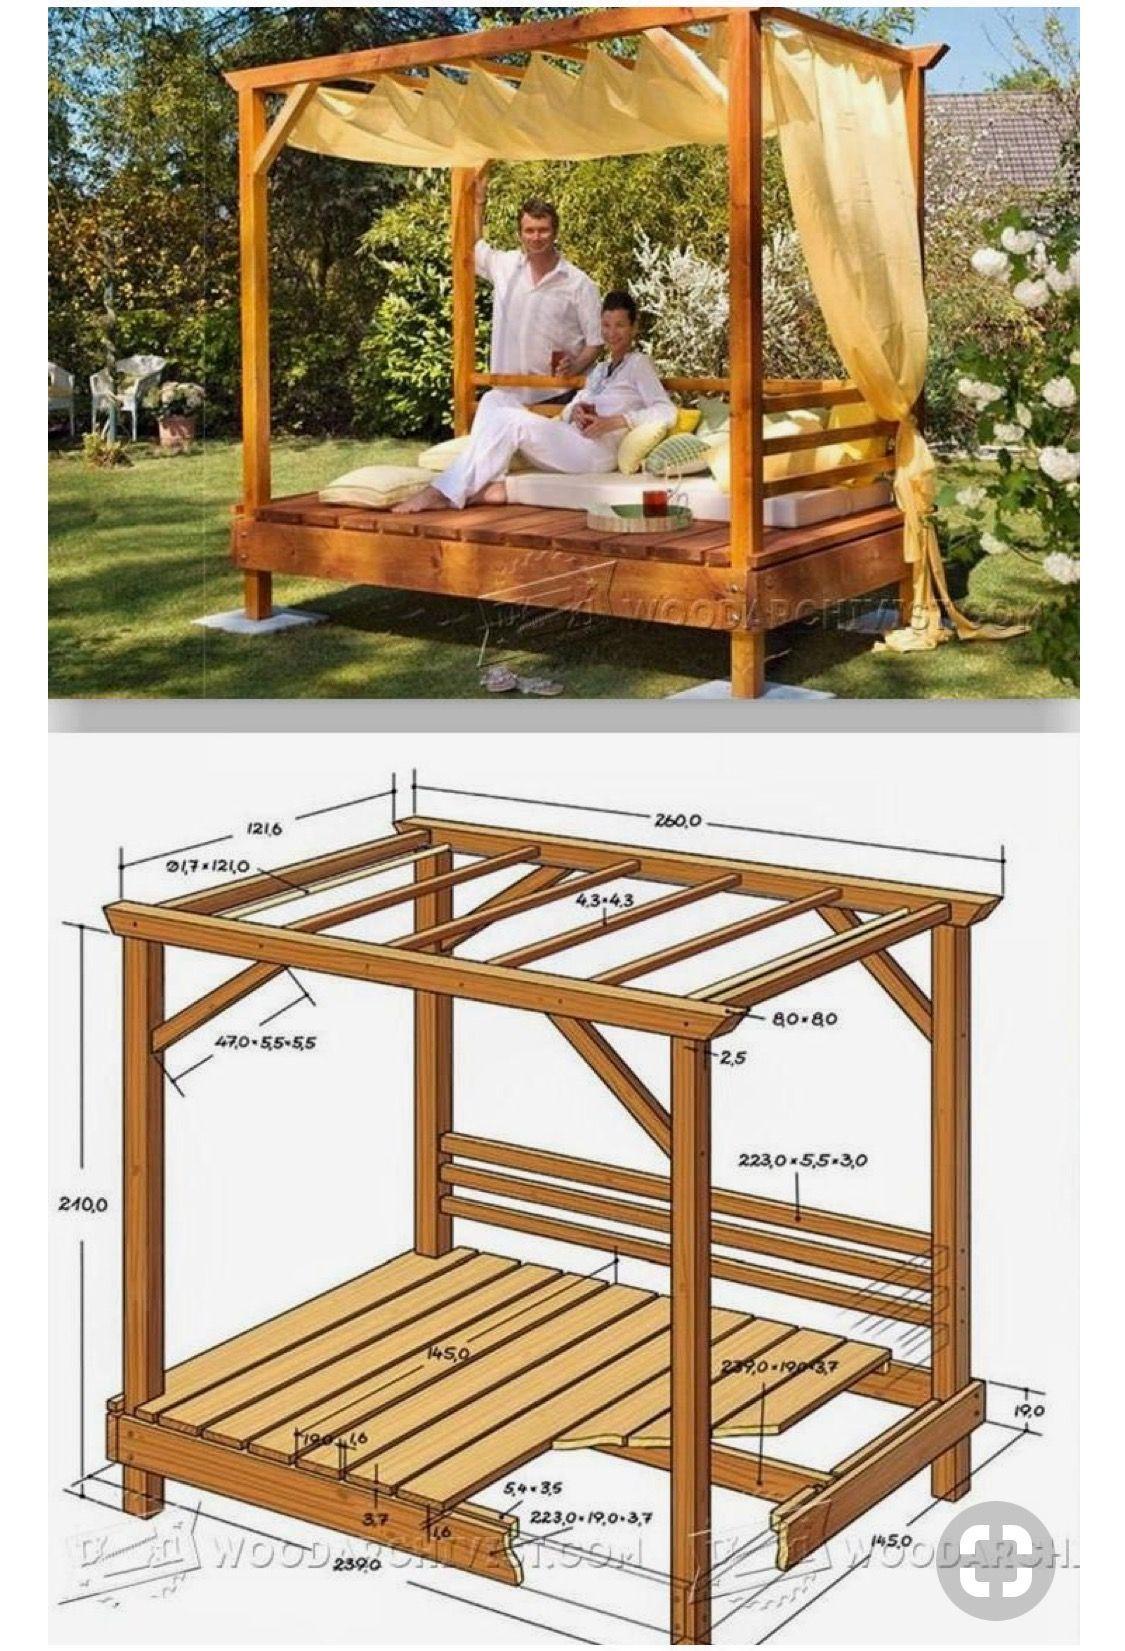 jardin in 2020 Outdoor beds, Diy outdoor furniture